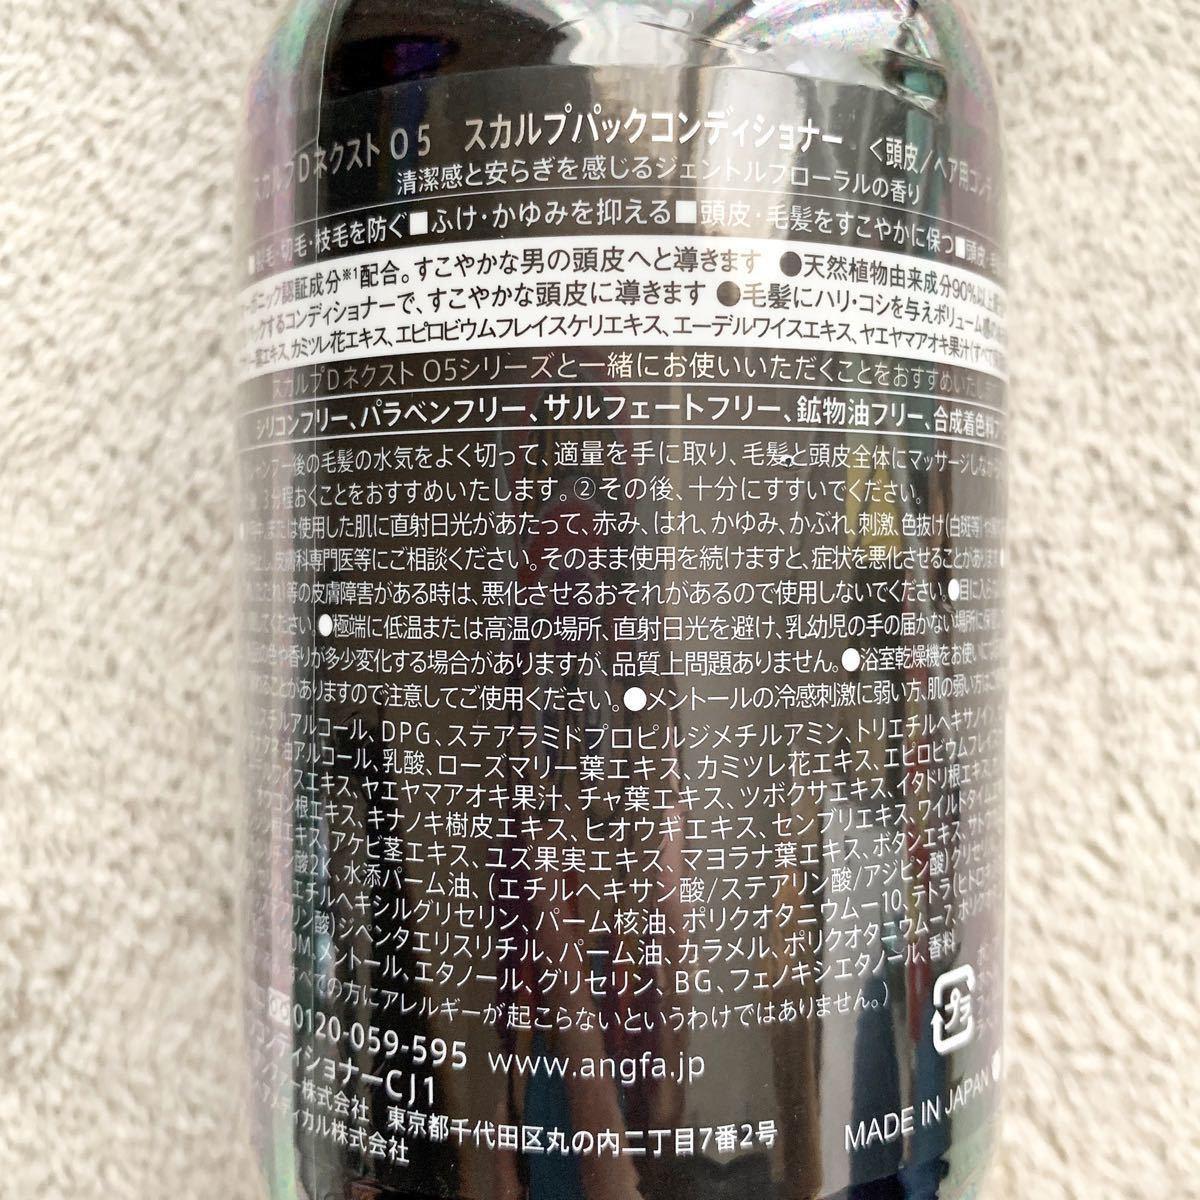 【未開封・未使用】 アンファー スカルプD スカルプケア シャンプー コンディショナー 4本セット